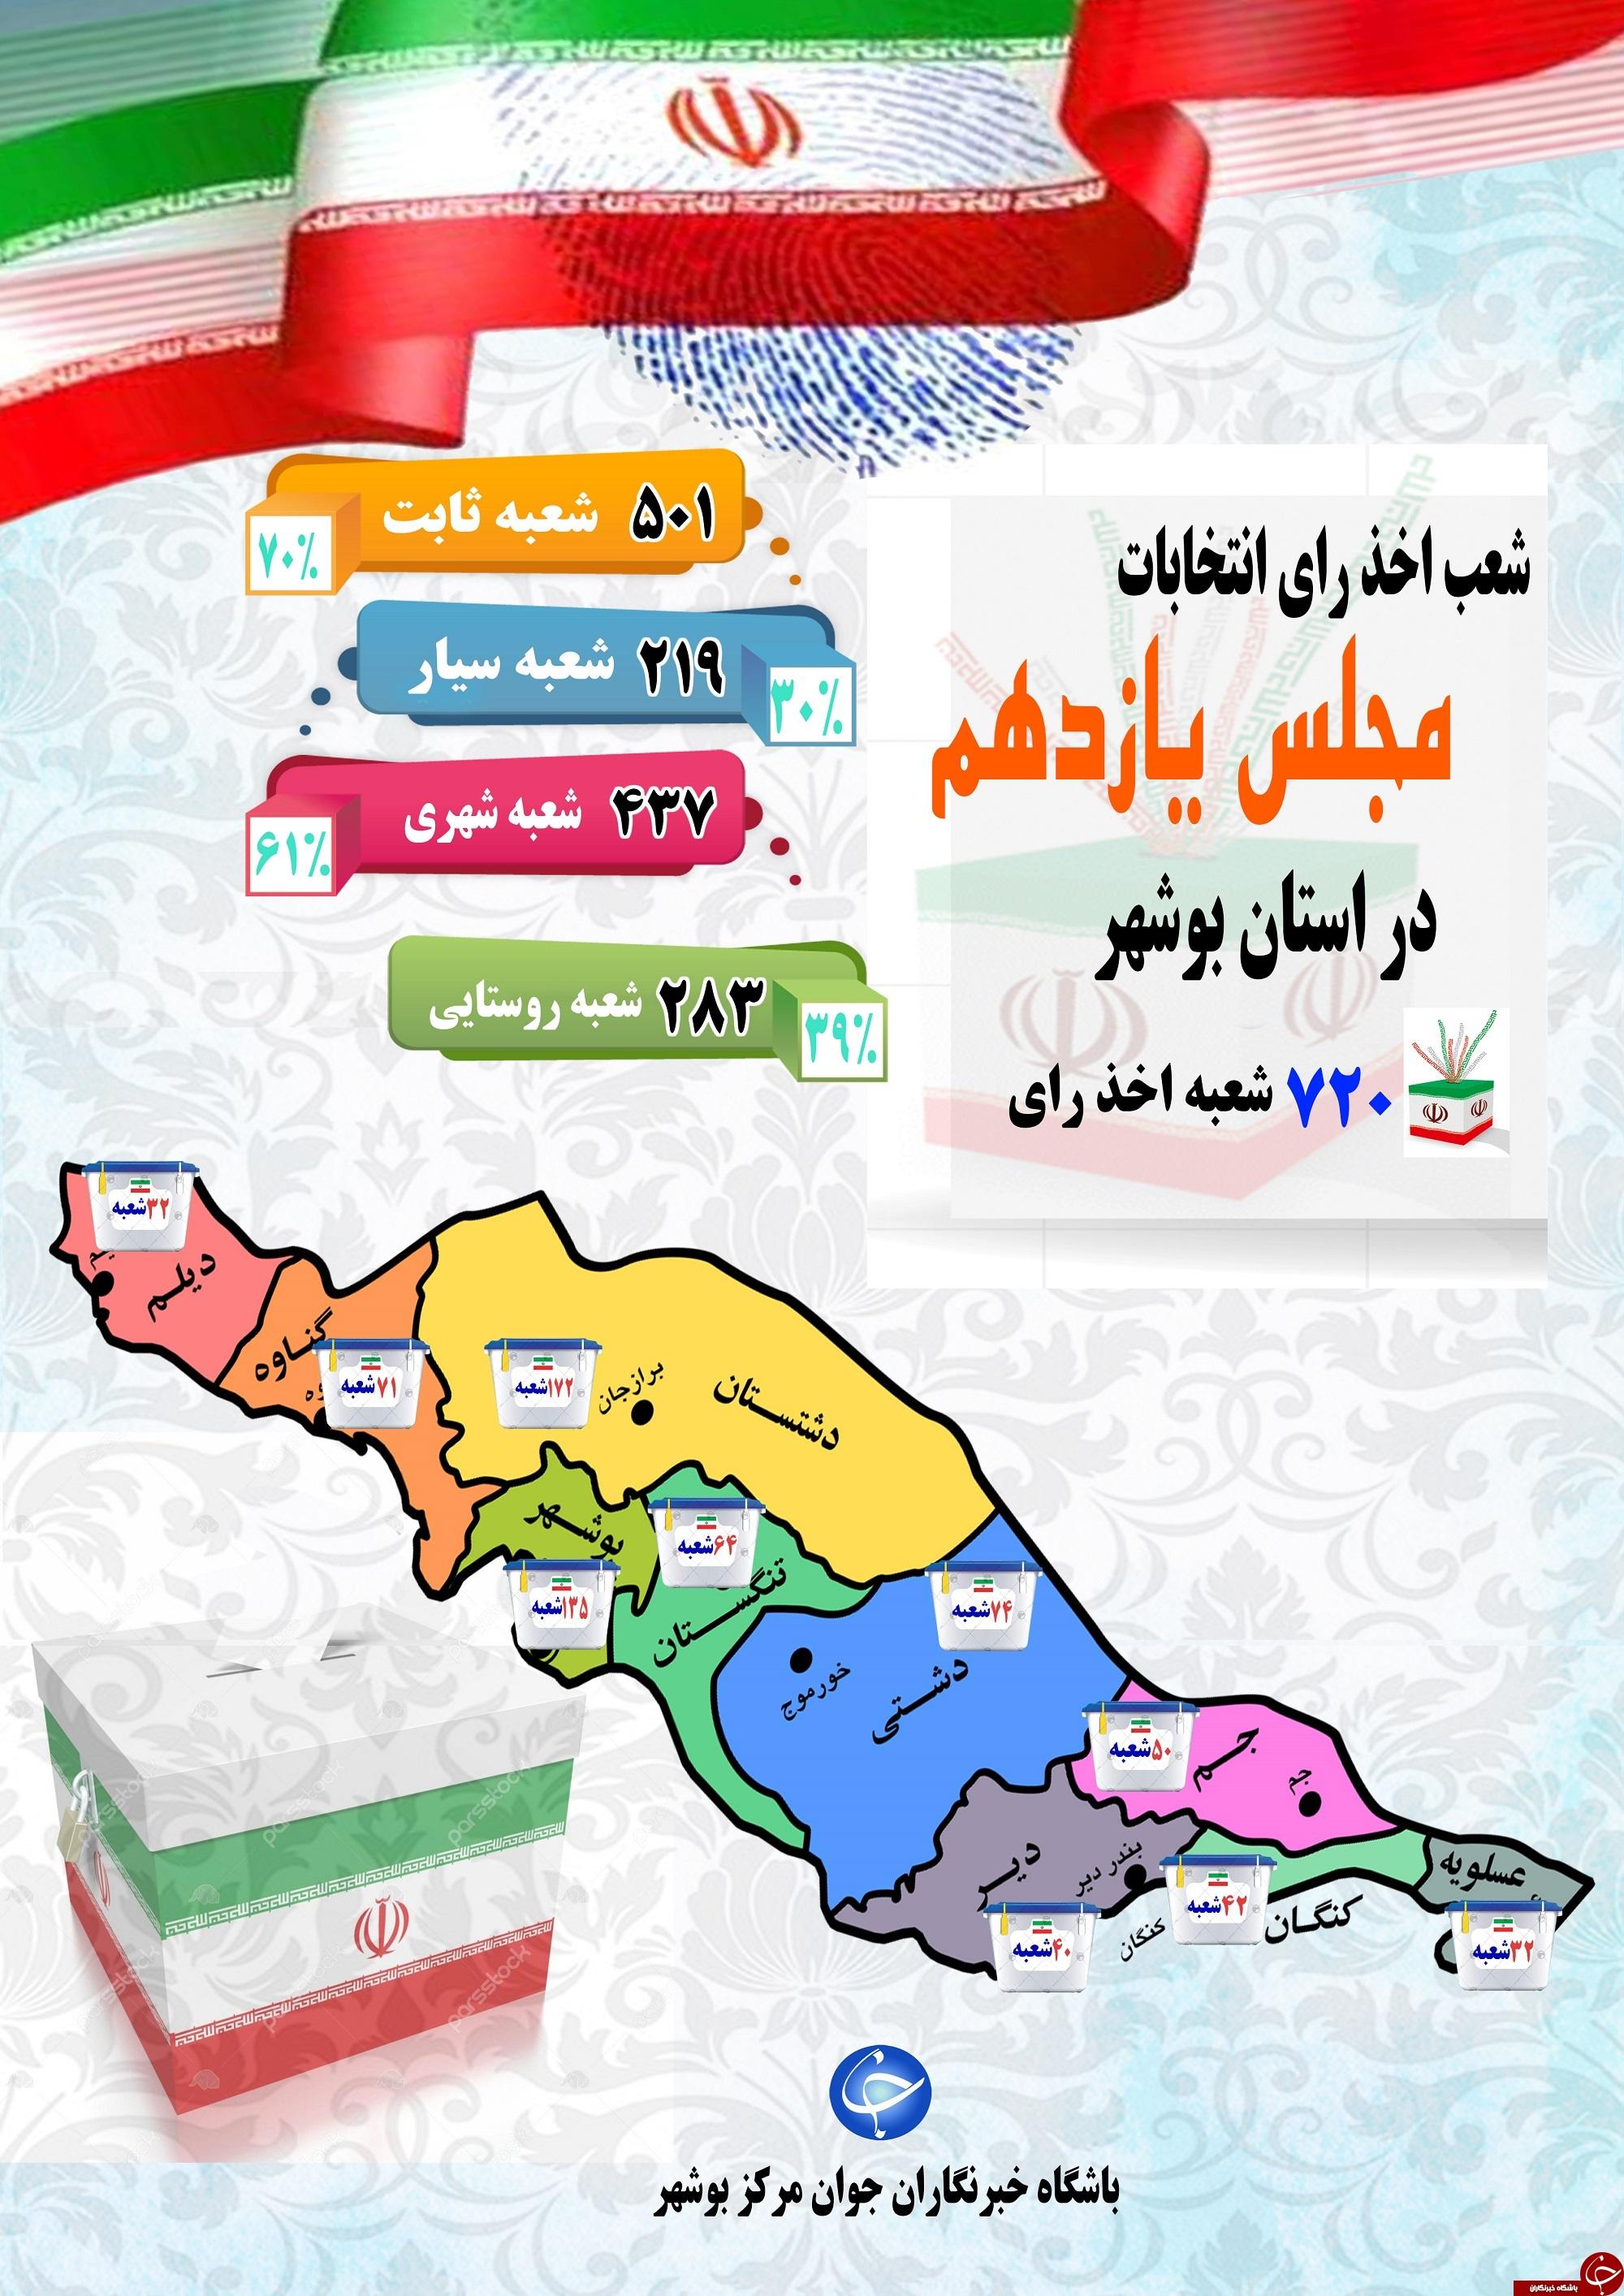 اینفوگرافی/ تعیین ۷۲۰ شعبه اخذ رای برای انتخابات مجلس یازدهم در بوشهر